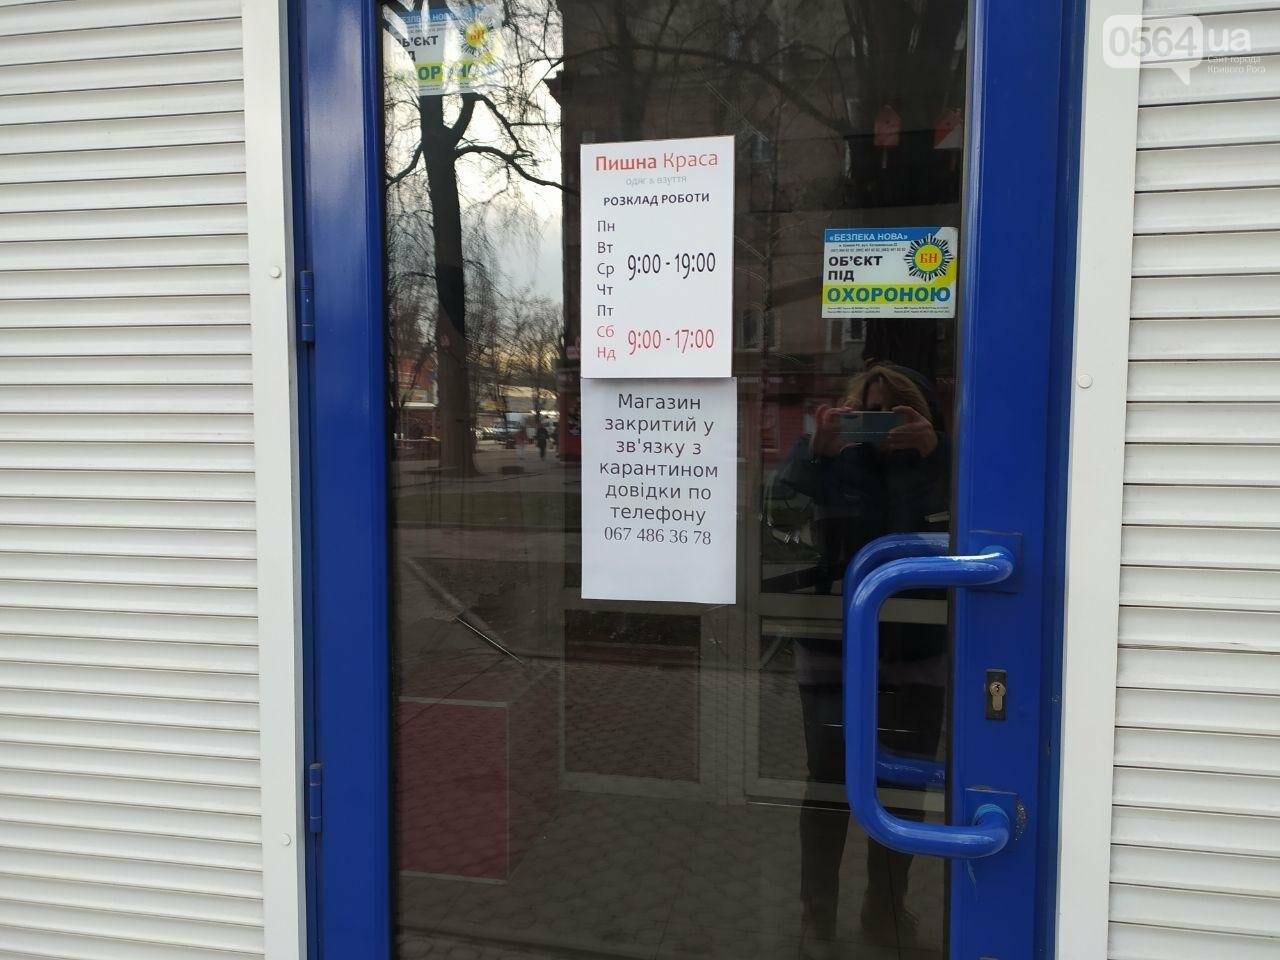 Заходить группами или связаться по телефону: как в Кривом Роге выполняют карантинные ограничения, - ФОТО, фото-11